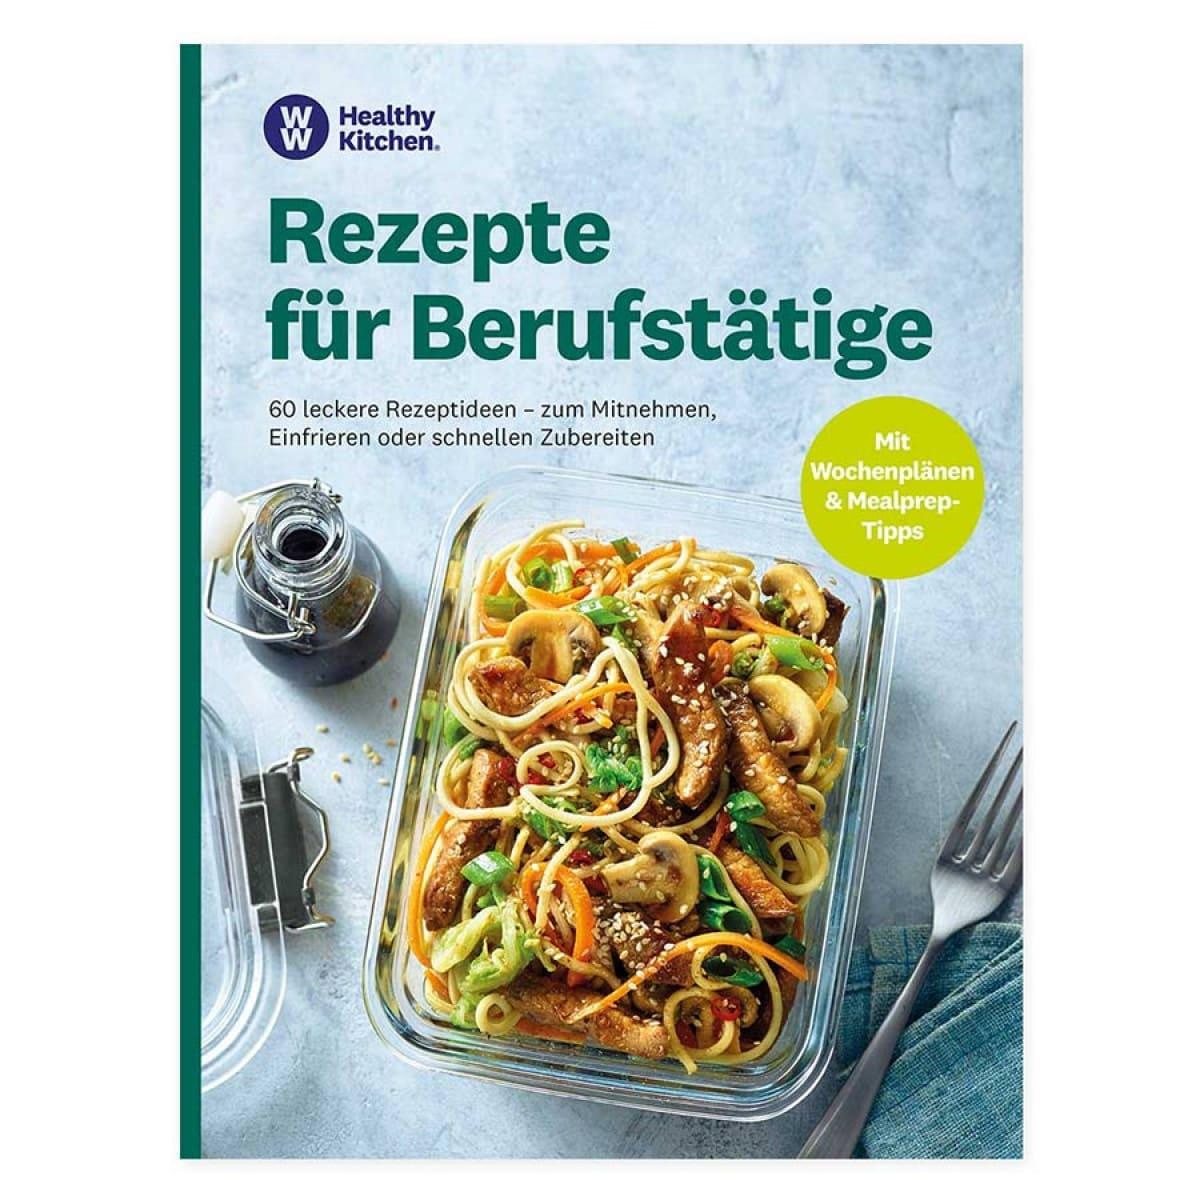 """WW Kochbuch """"Rezepte für Berufstätige"""" (60 Rezepte)"""